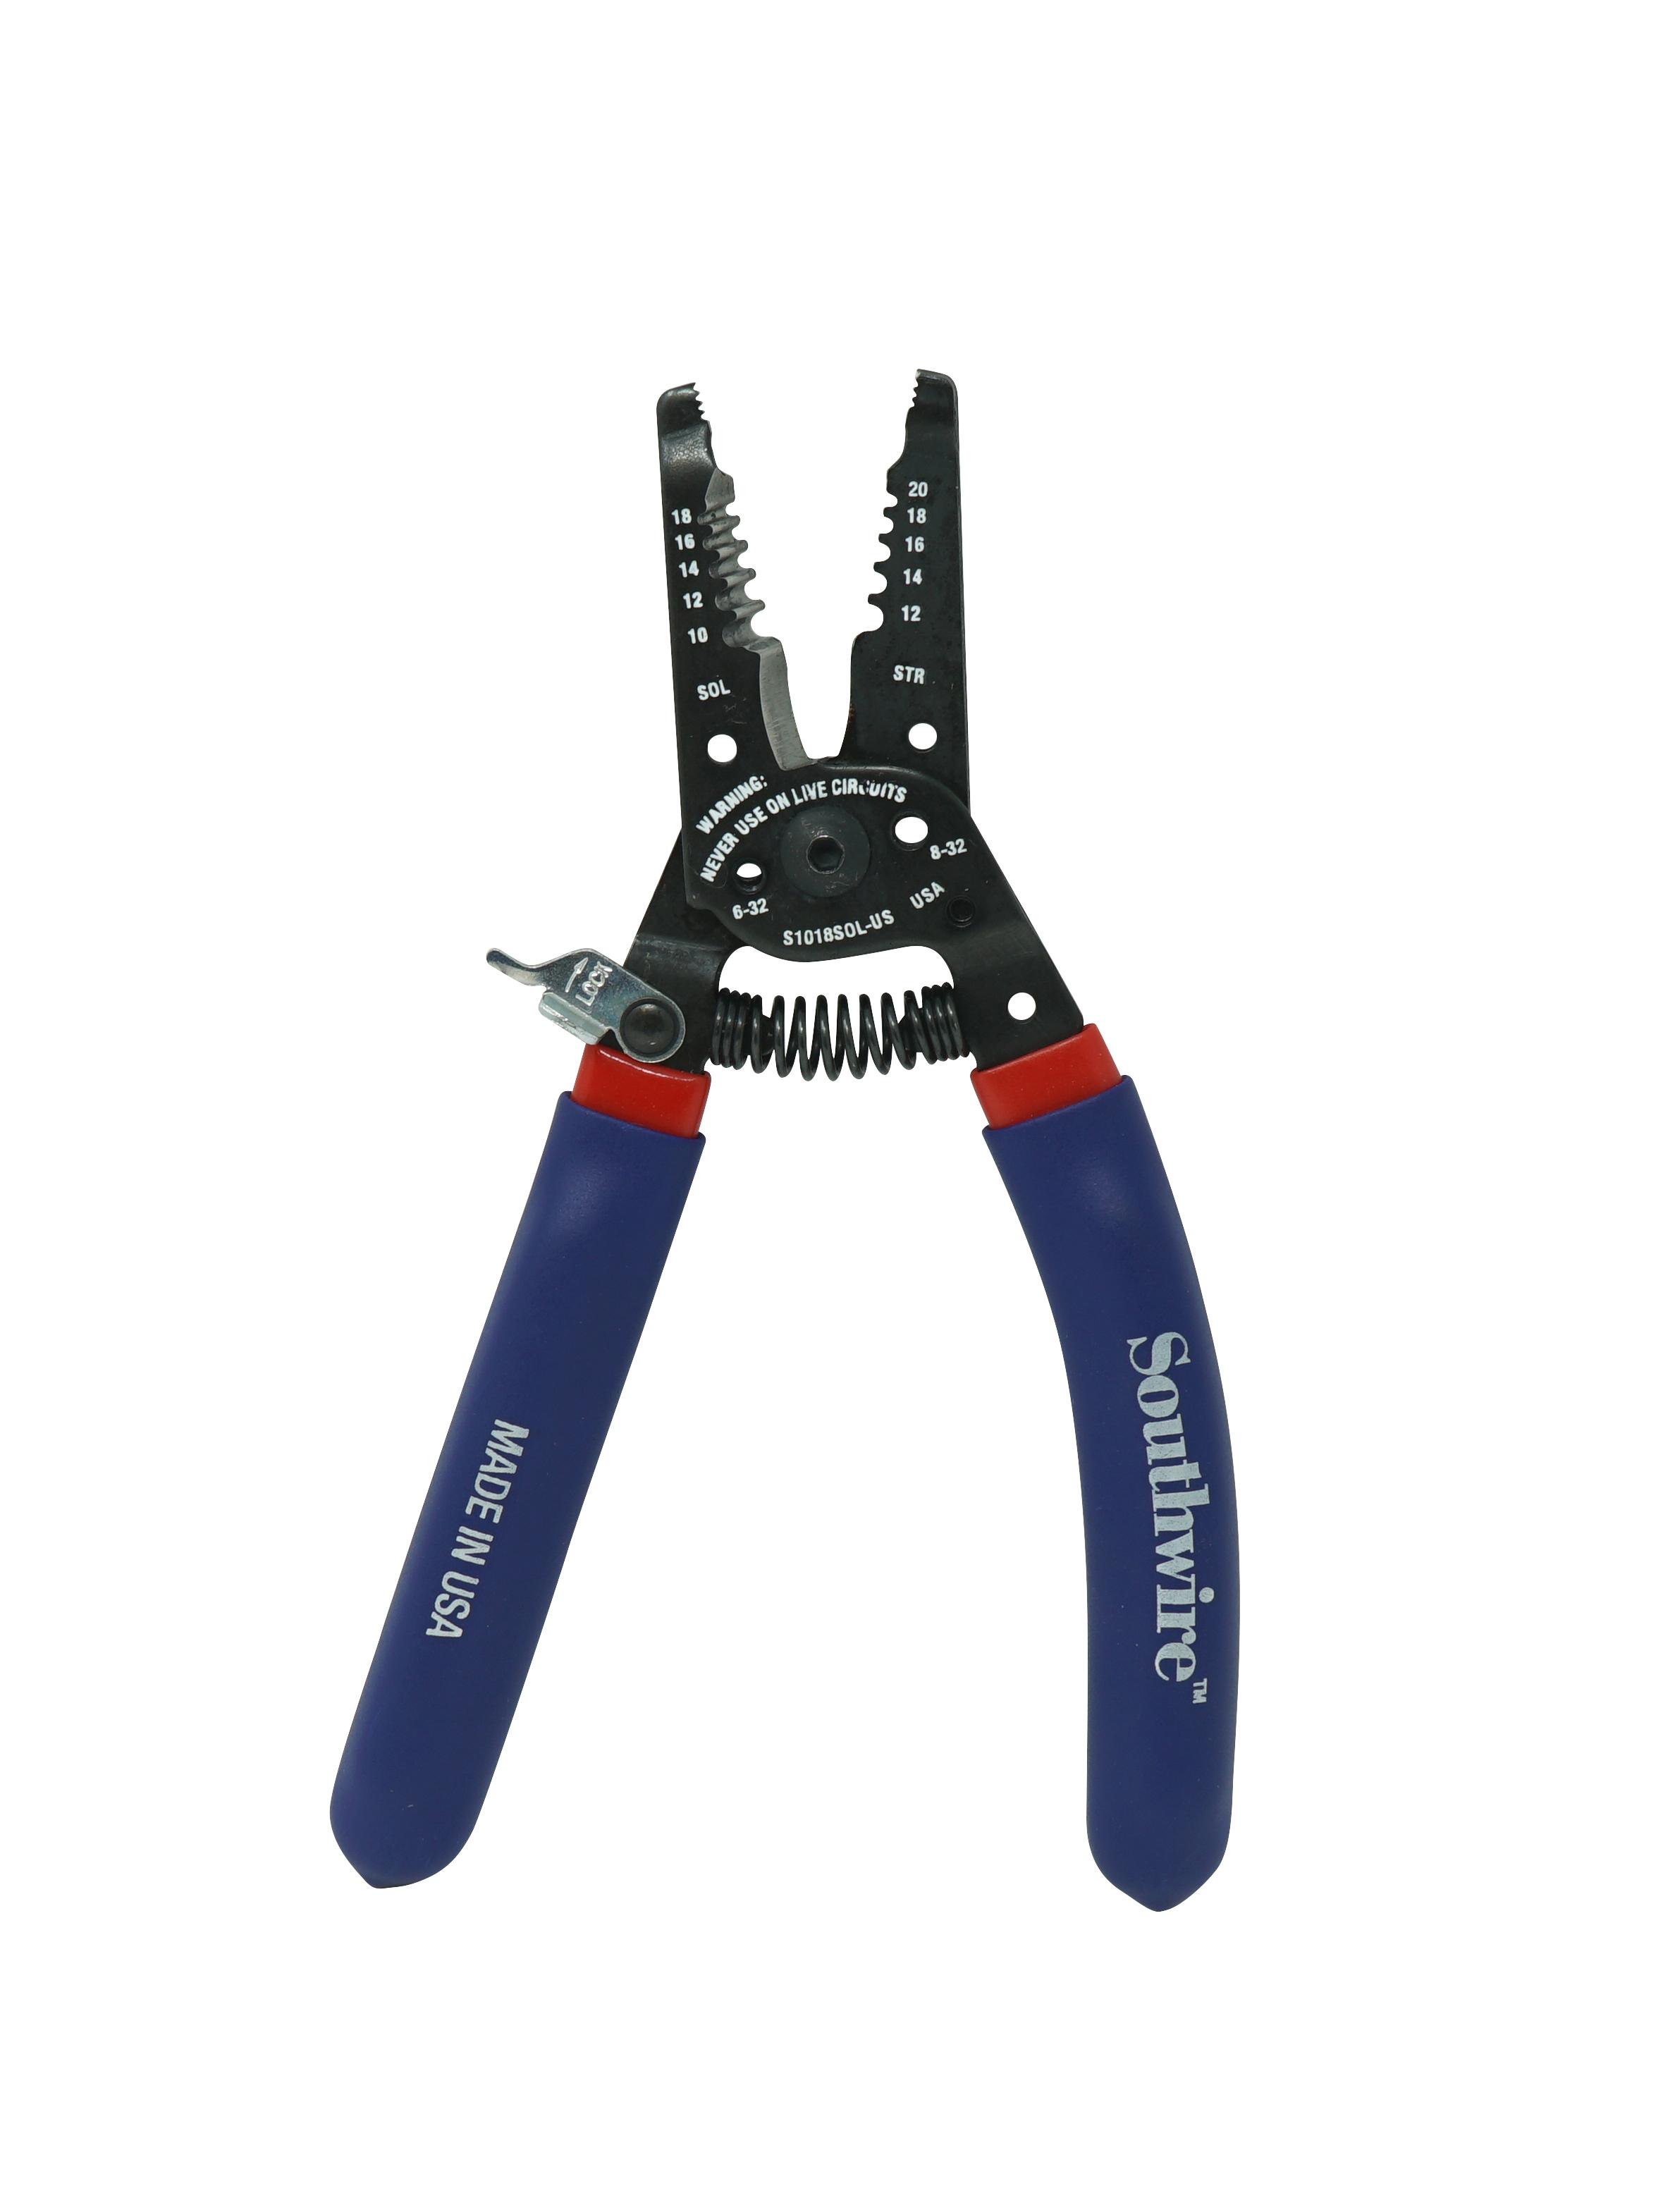 STR Ergo Handles Wire Stripper/Cutter